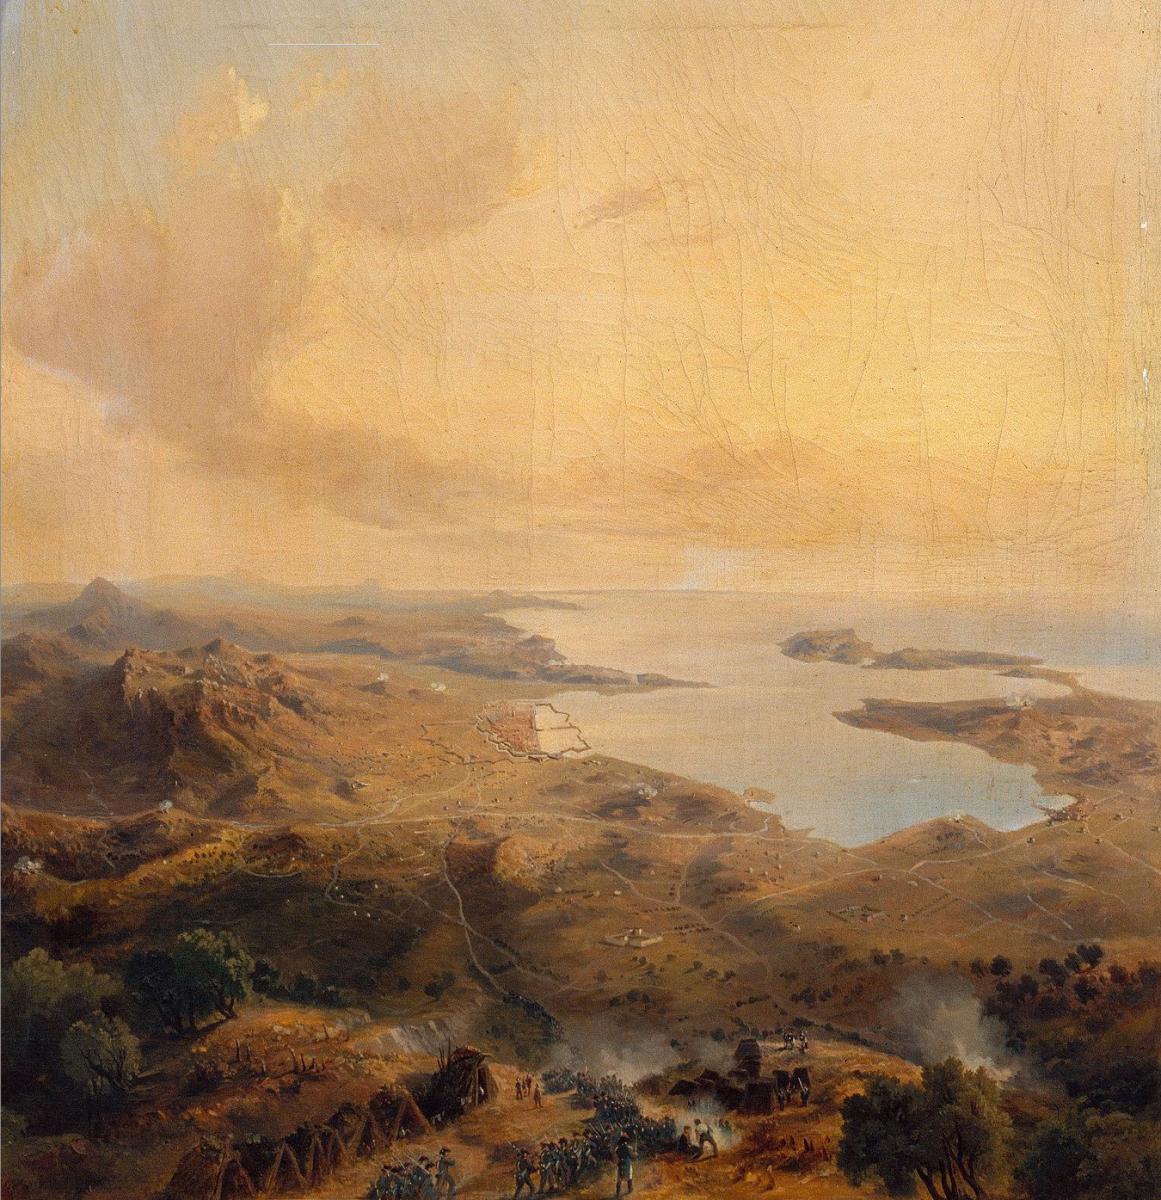 Toulon under siege in 1793